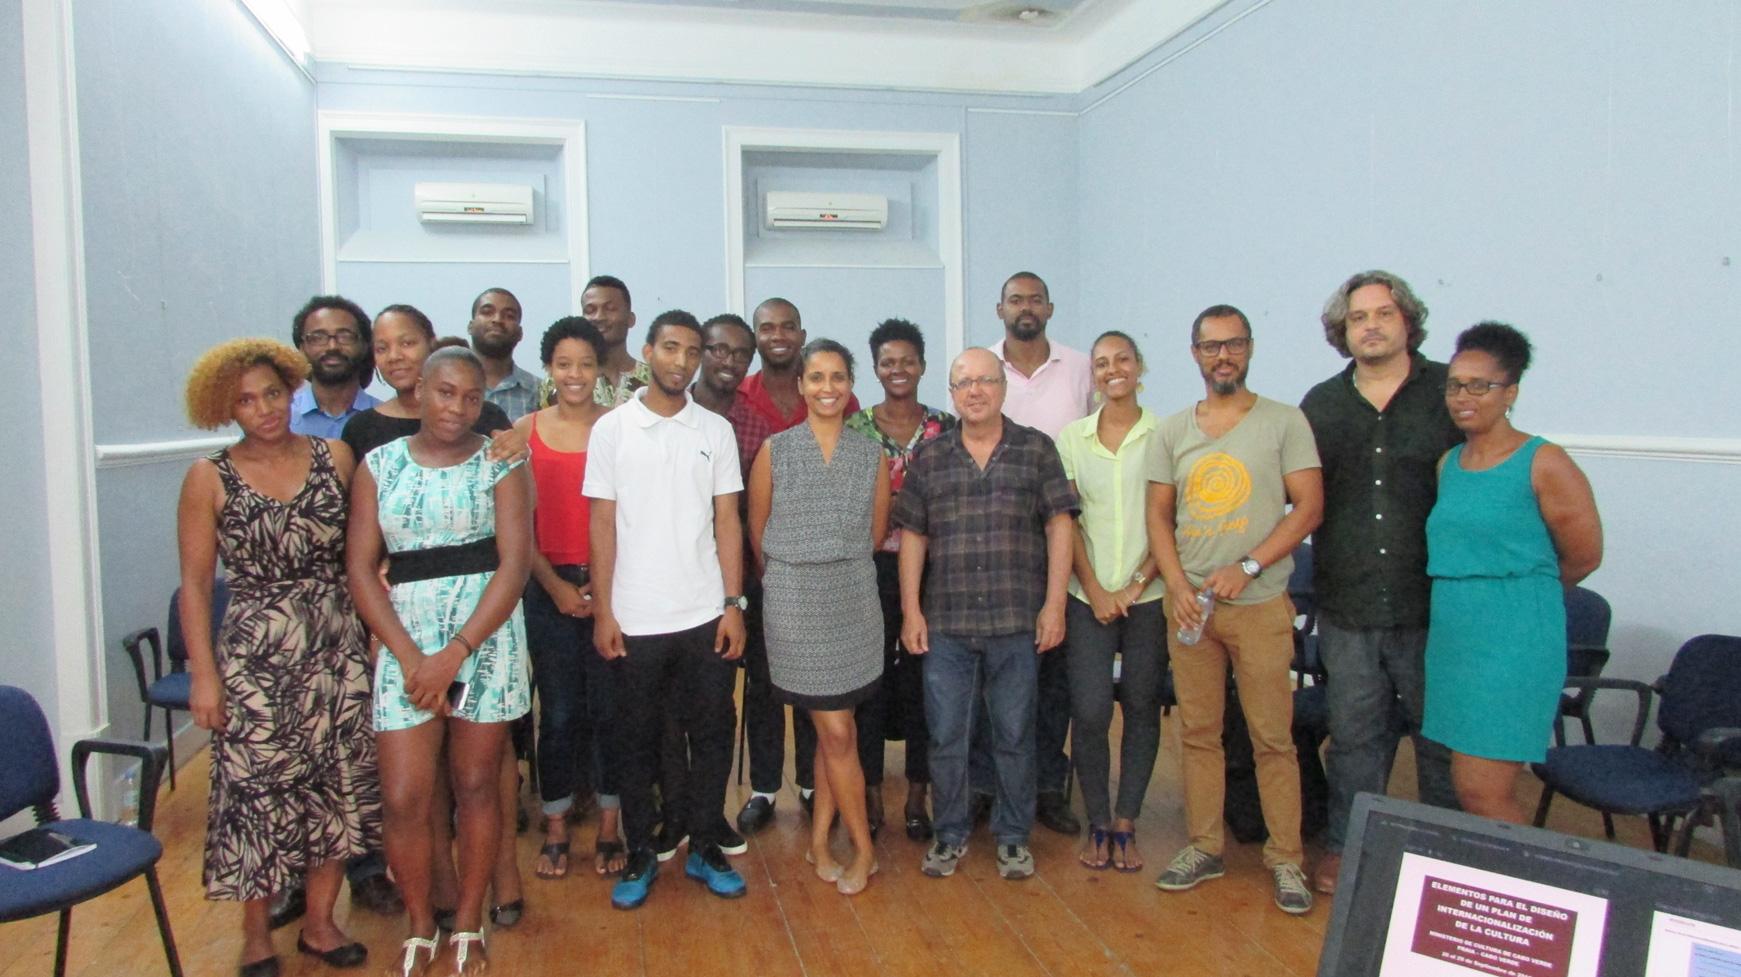 Foto: Curs internacionalització a Praia (Cap Verd)